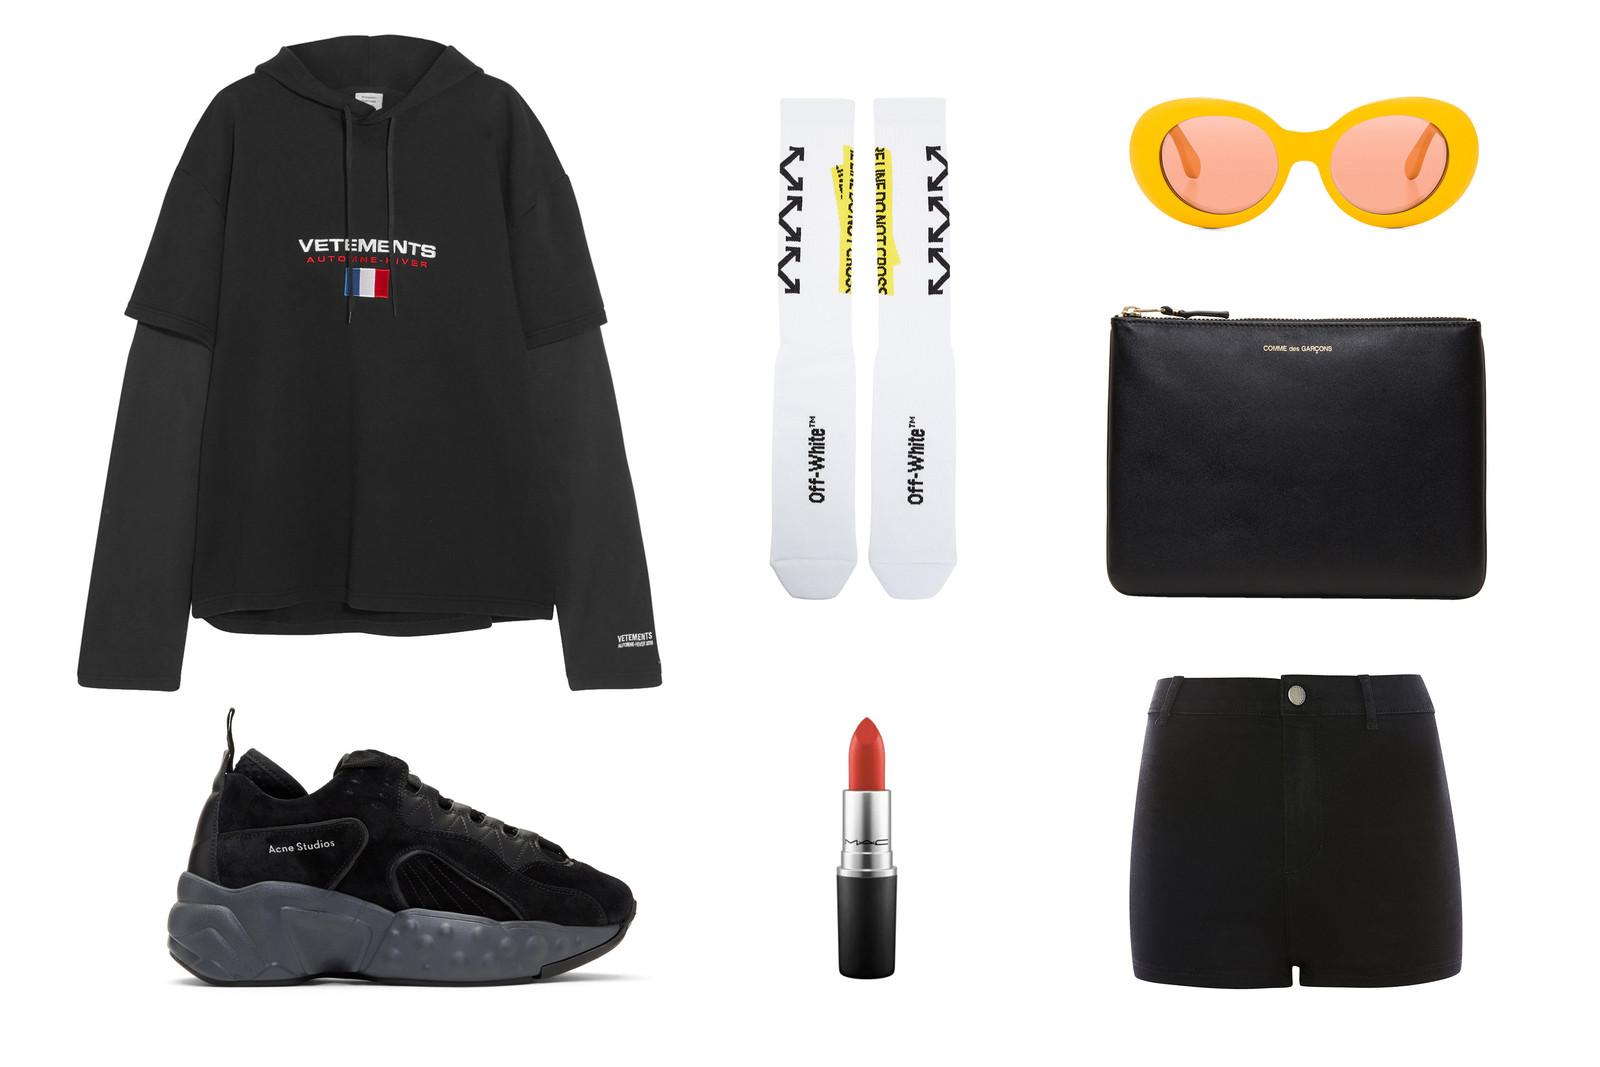 black-shorts-black-sweater-sweatshirt-hoodie-socks-black-shoe-sneakers-sun-fall-winter-weekend.jpg